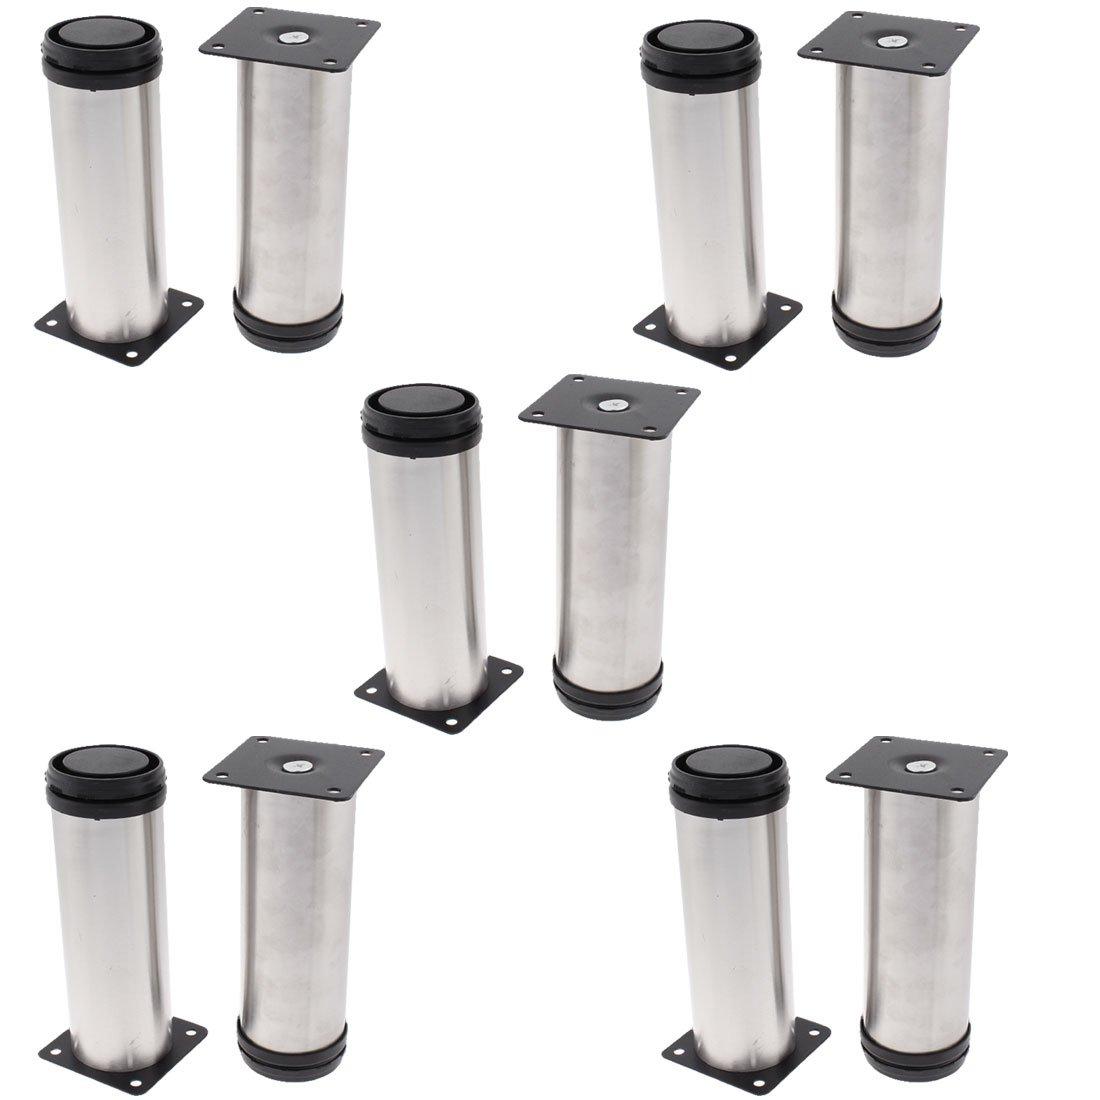 uxcell Cupboard Sofa Cabinet 50mm x 150mm Adjustable Plinth Leg 10pcs